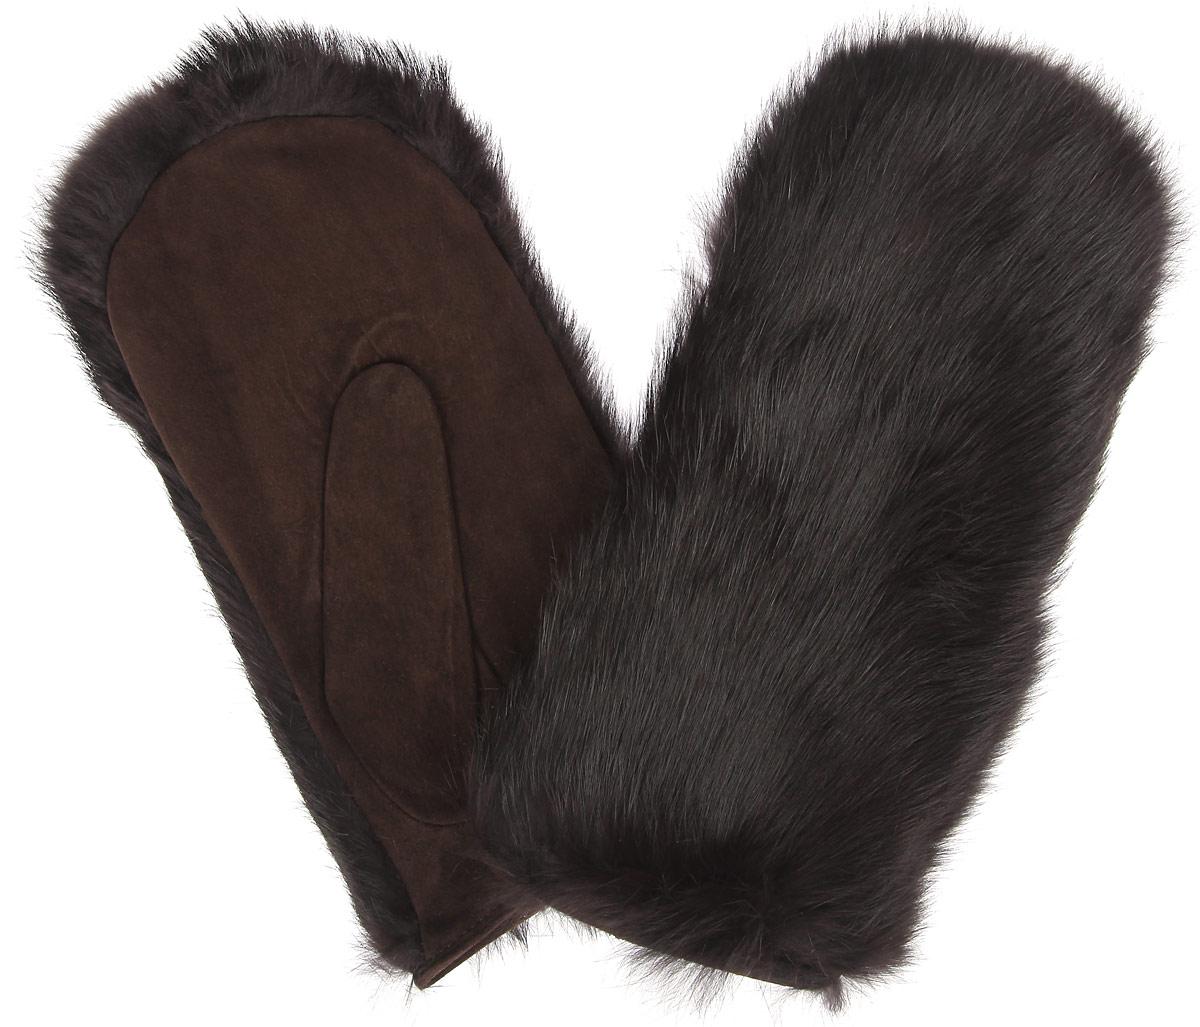 Варежки женские. IS991IS991Стильные женские варежки Eleganzza не только защитят ваши руки от холода, но и станут великолепным украшением. Ладонная часть модели выполнена из натуральной замши, внешняя сторона - из натурального меха кролика. Подкладка в форме перчатки выполнена из натуральной шерсти. На запястье имеется стяжка. Вместе с этим аксессуаром вы обретаете женственность и элегантность. Варежки Eleganzza станут завершающим элементом вашего стиля и неповторимости.